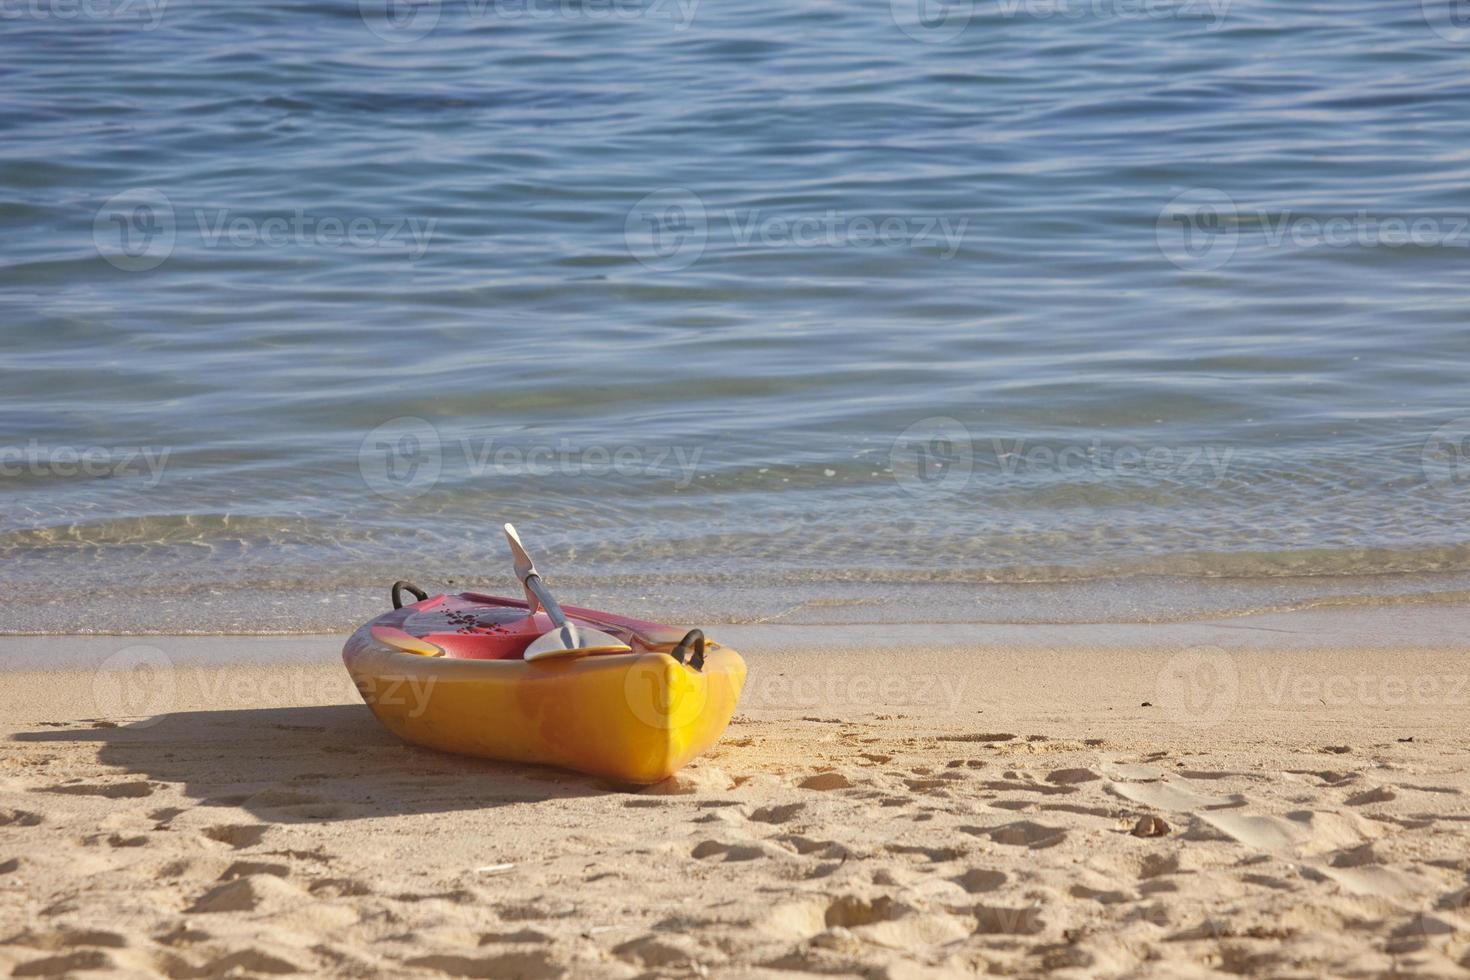 Sea Kayak on Beach at Sunset photo